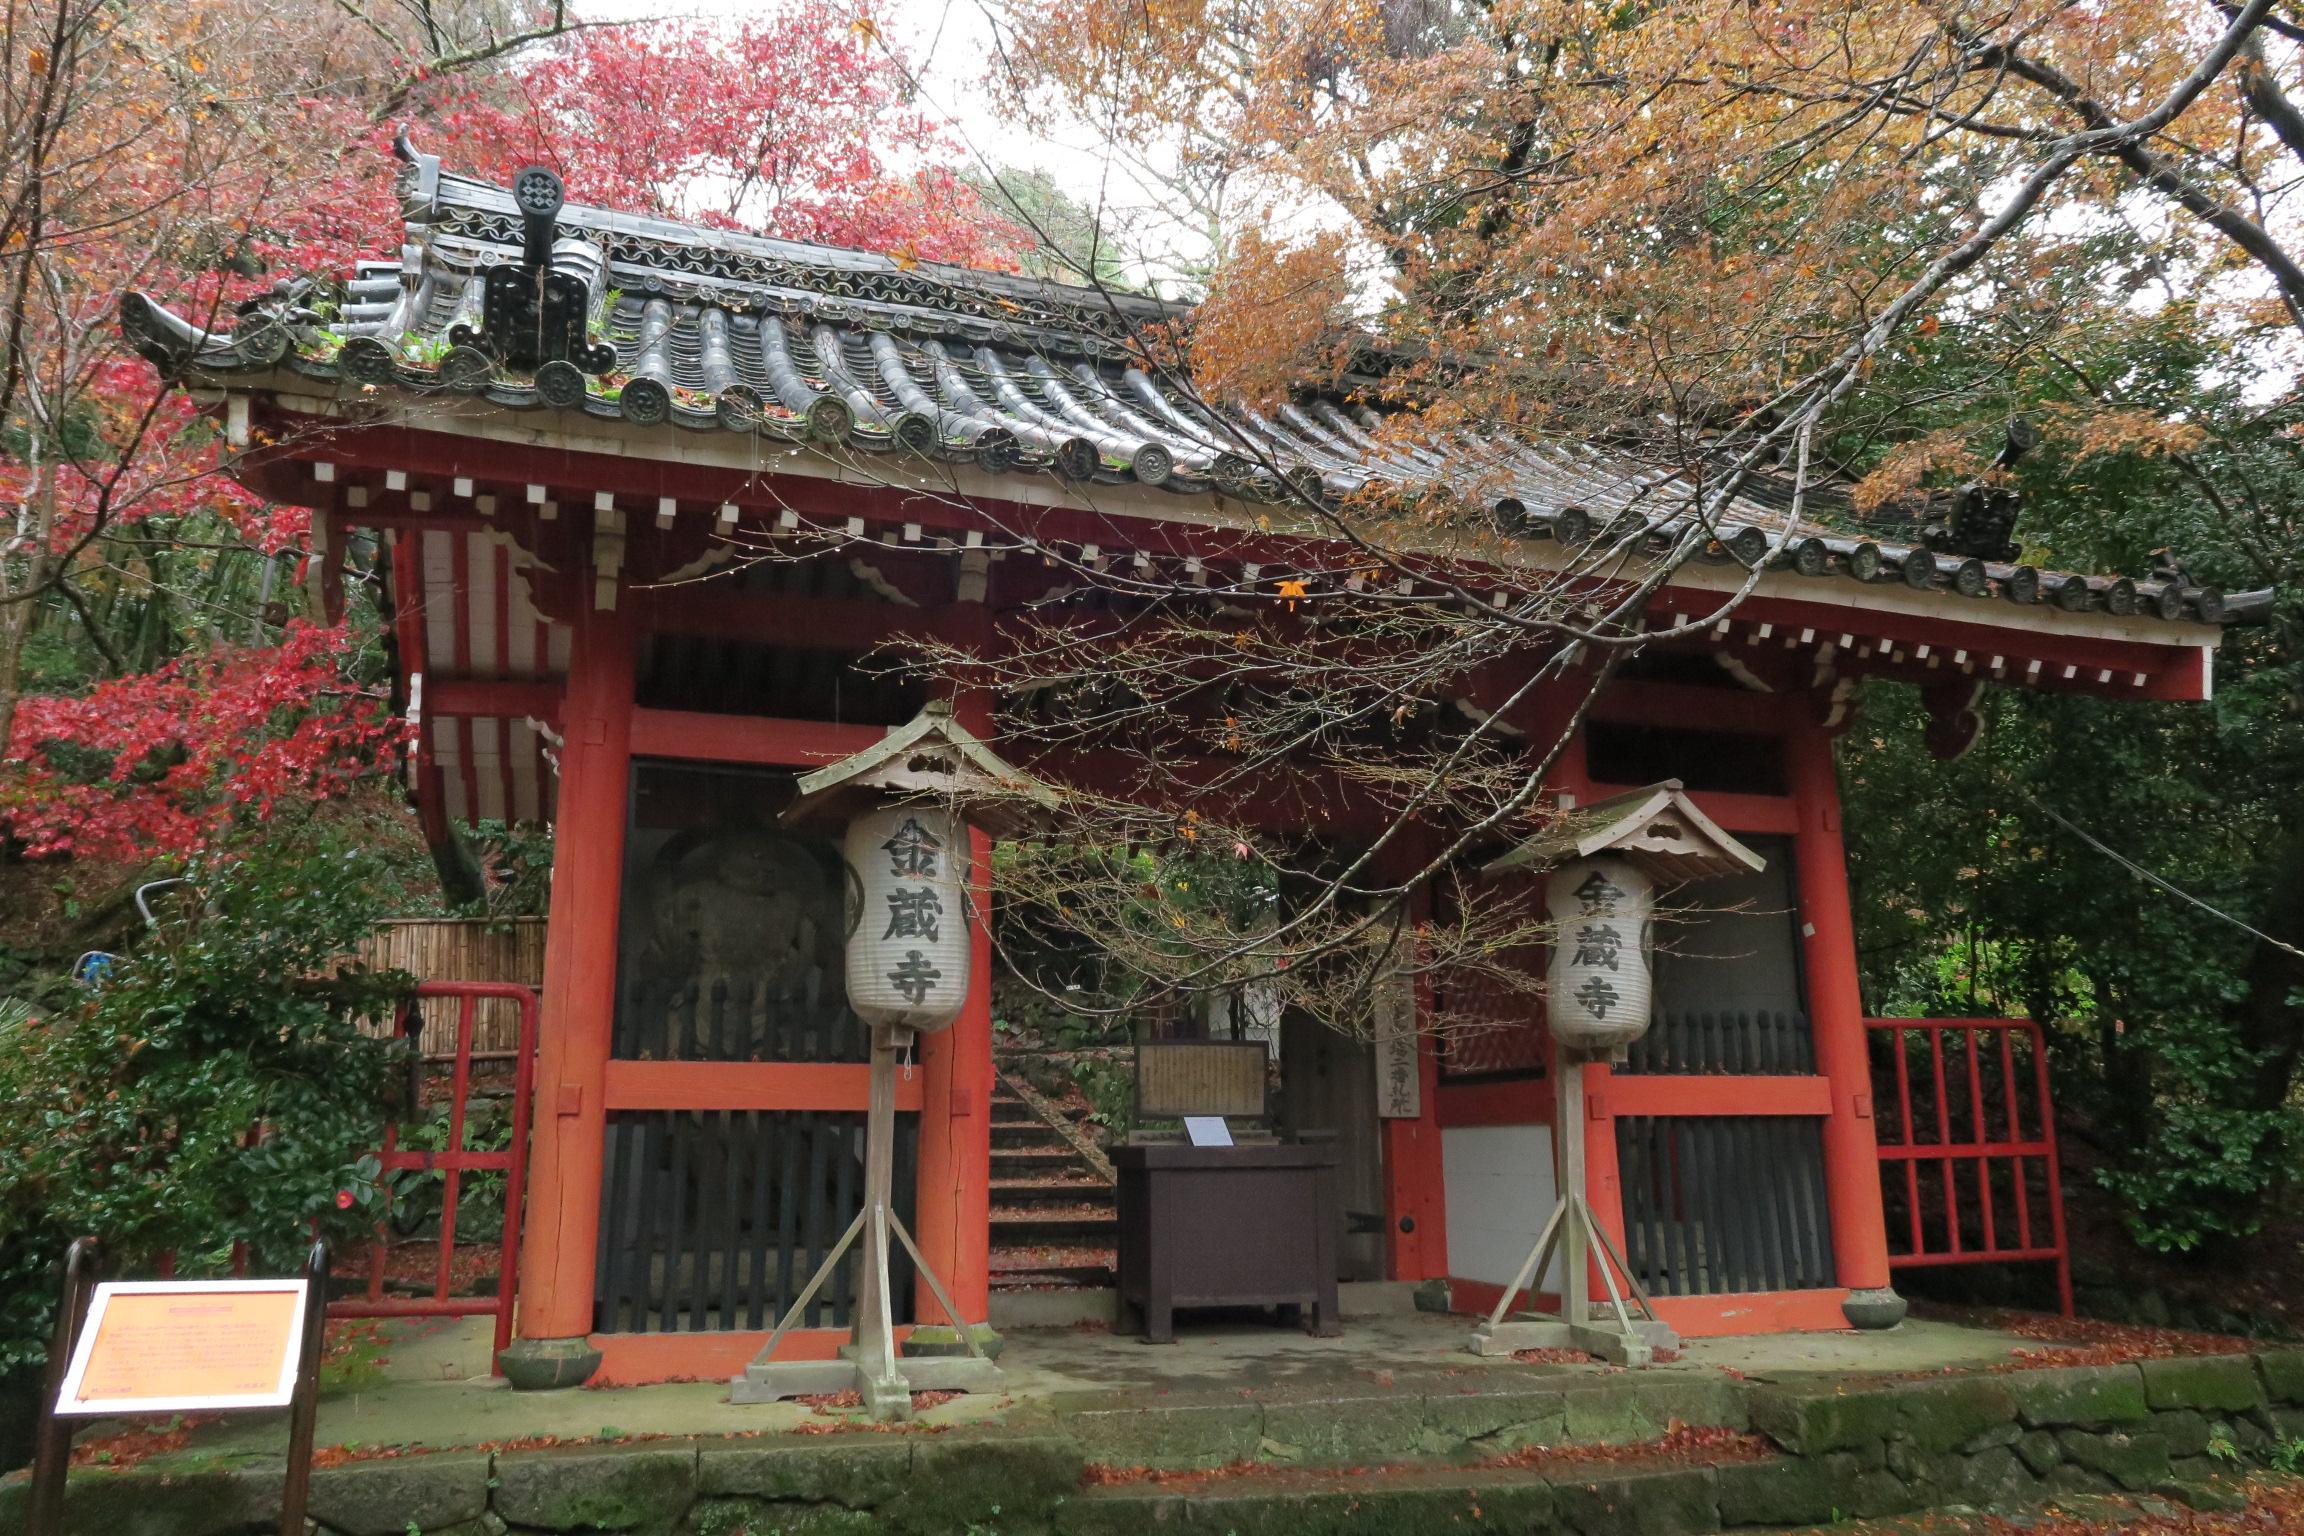 善峯寺から近い金蔵寺。自家用車でないとアクセスが大変ですが、タイミングが良いと紅葉も綺麗なお寺です